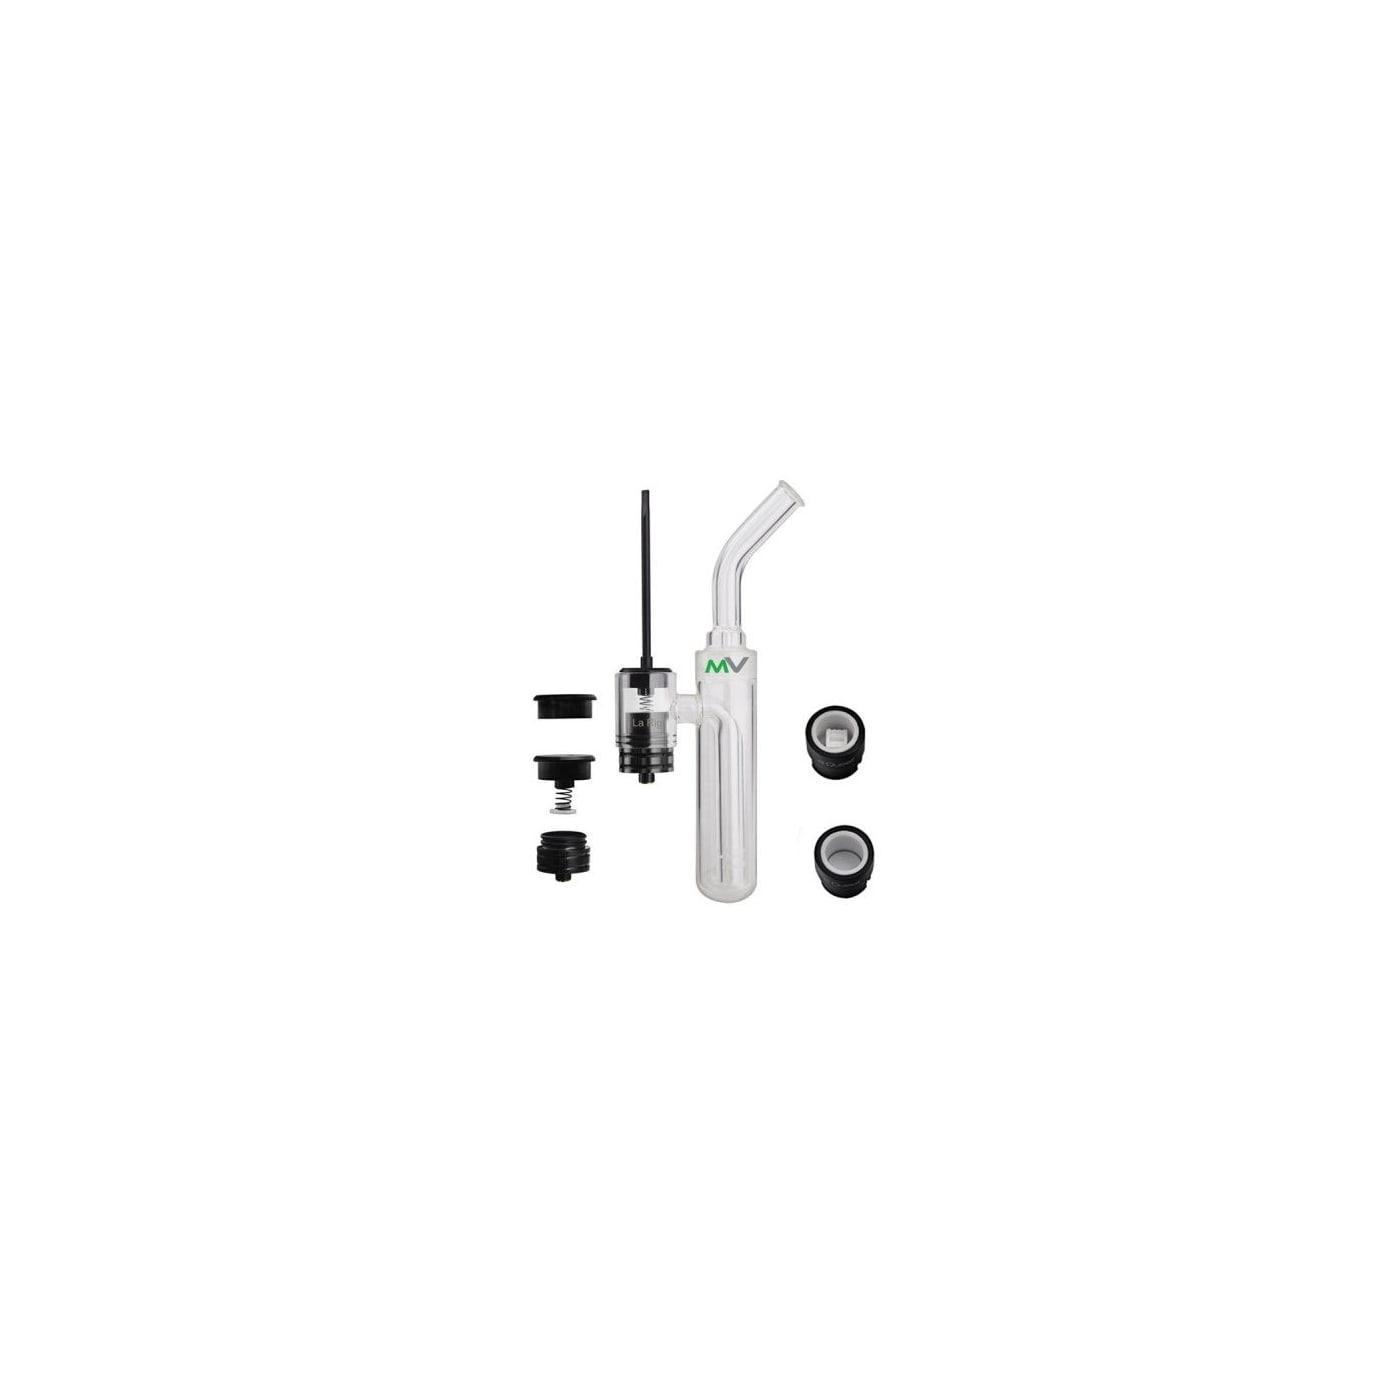 Mig Vapor La Rig 510 e-Nail Concentrate Attachment